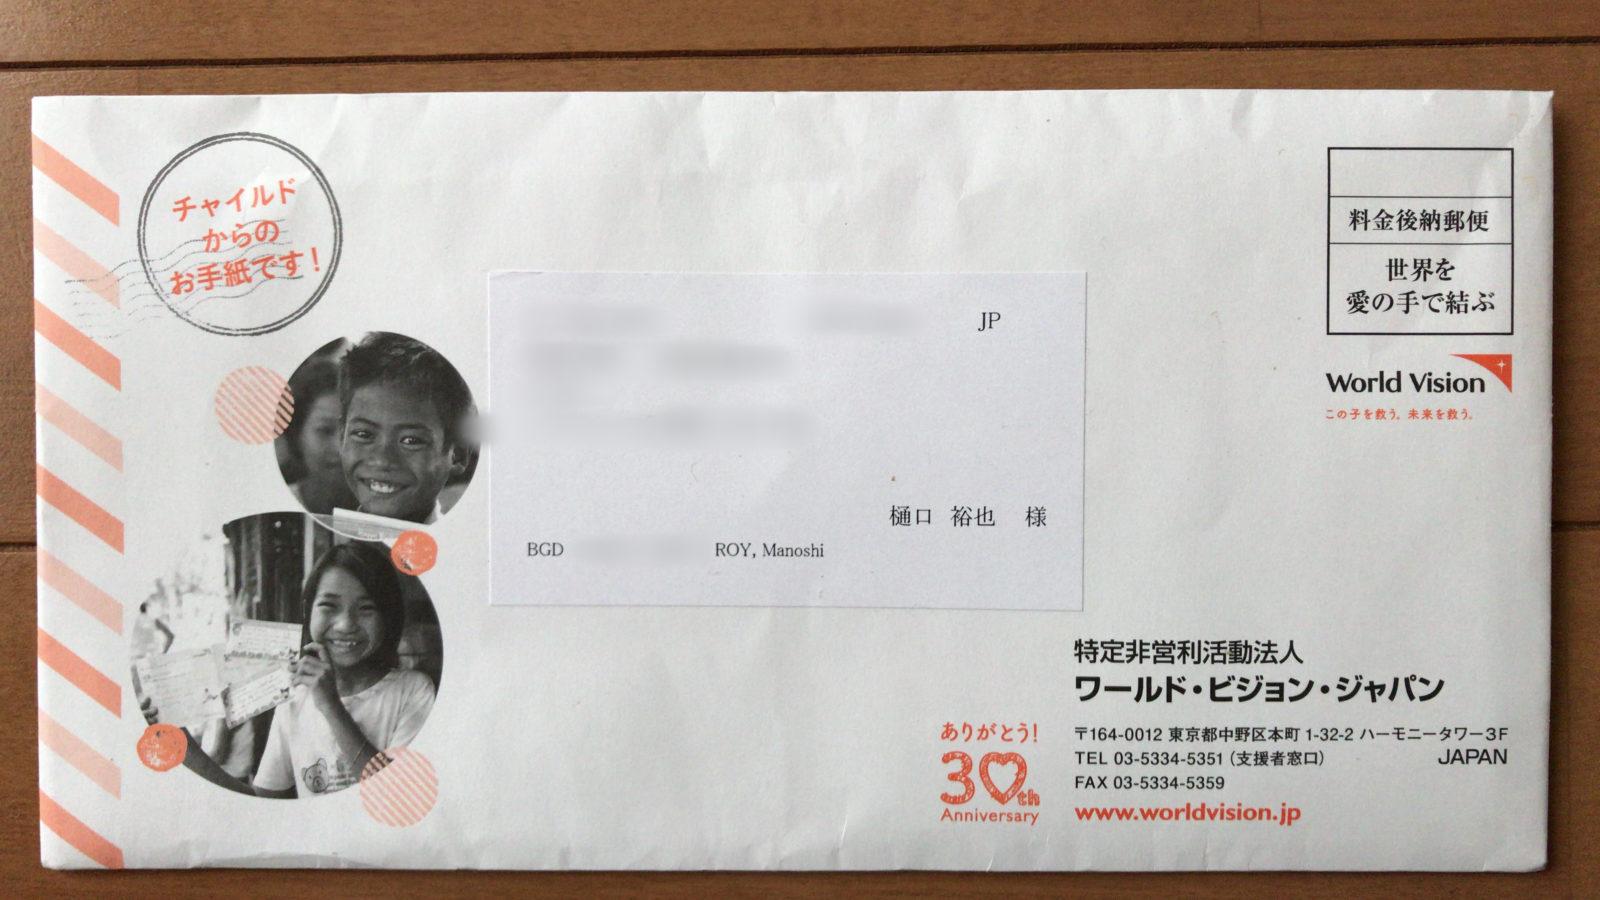 ワールドビジョンからの封筒 (1-1)